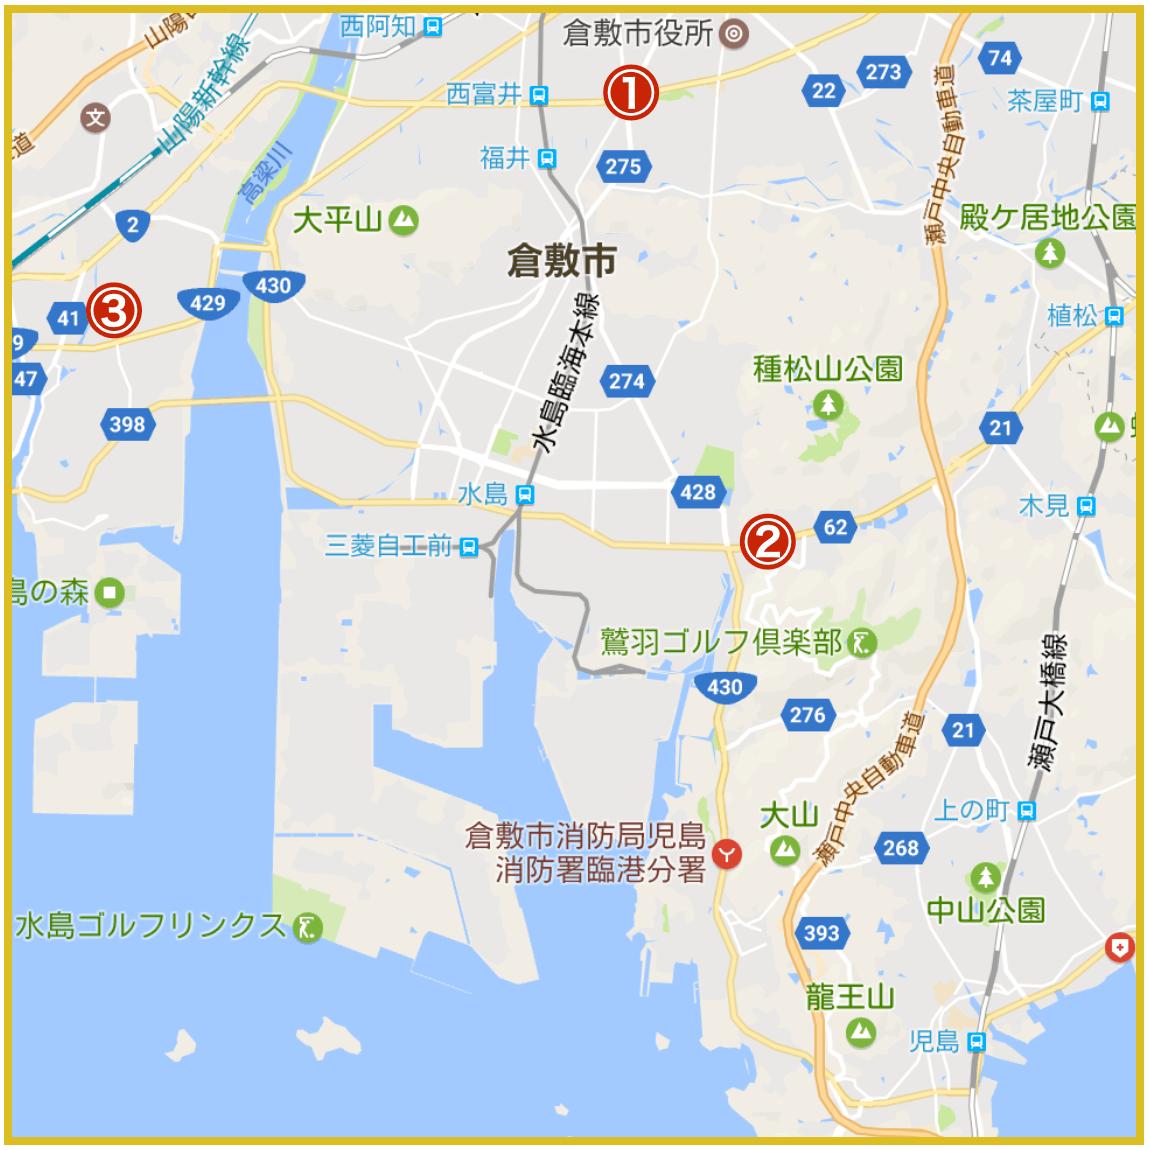 倉敷市にあるプロミス店舗・ATMの位置(2020年版)